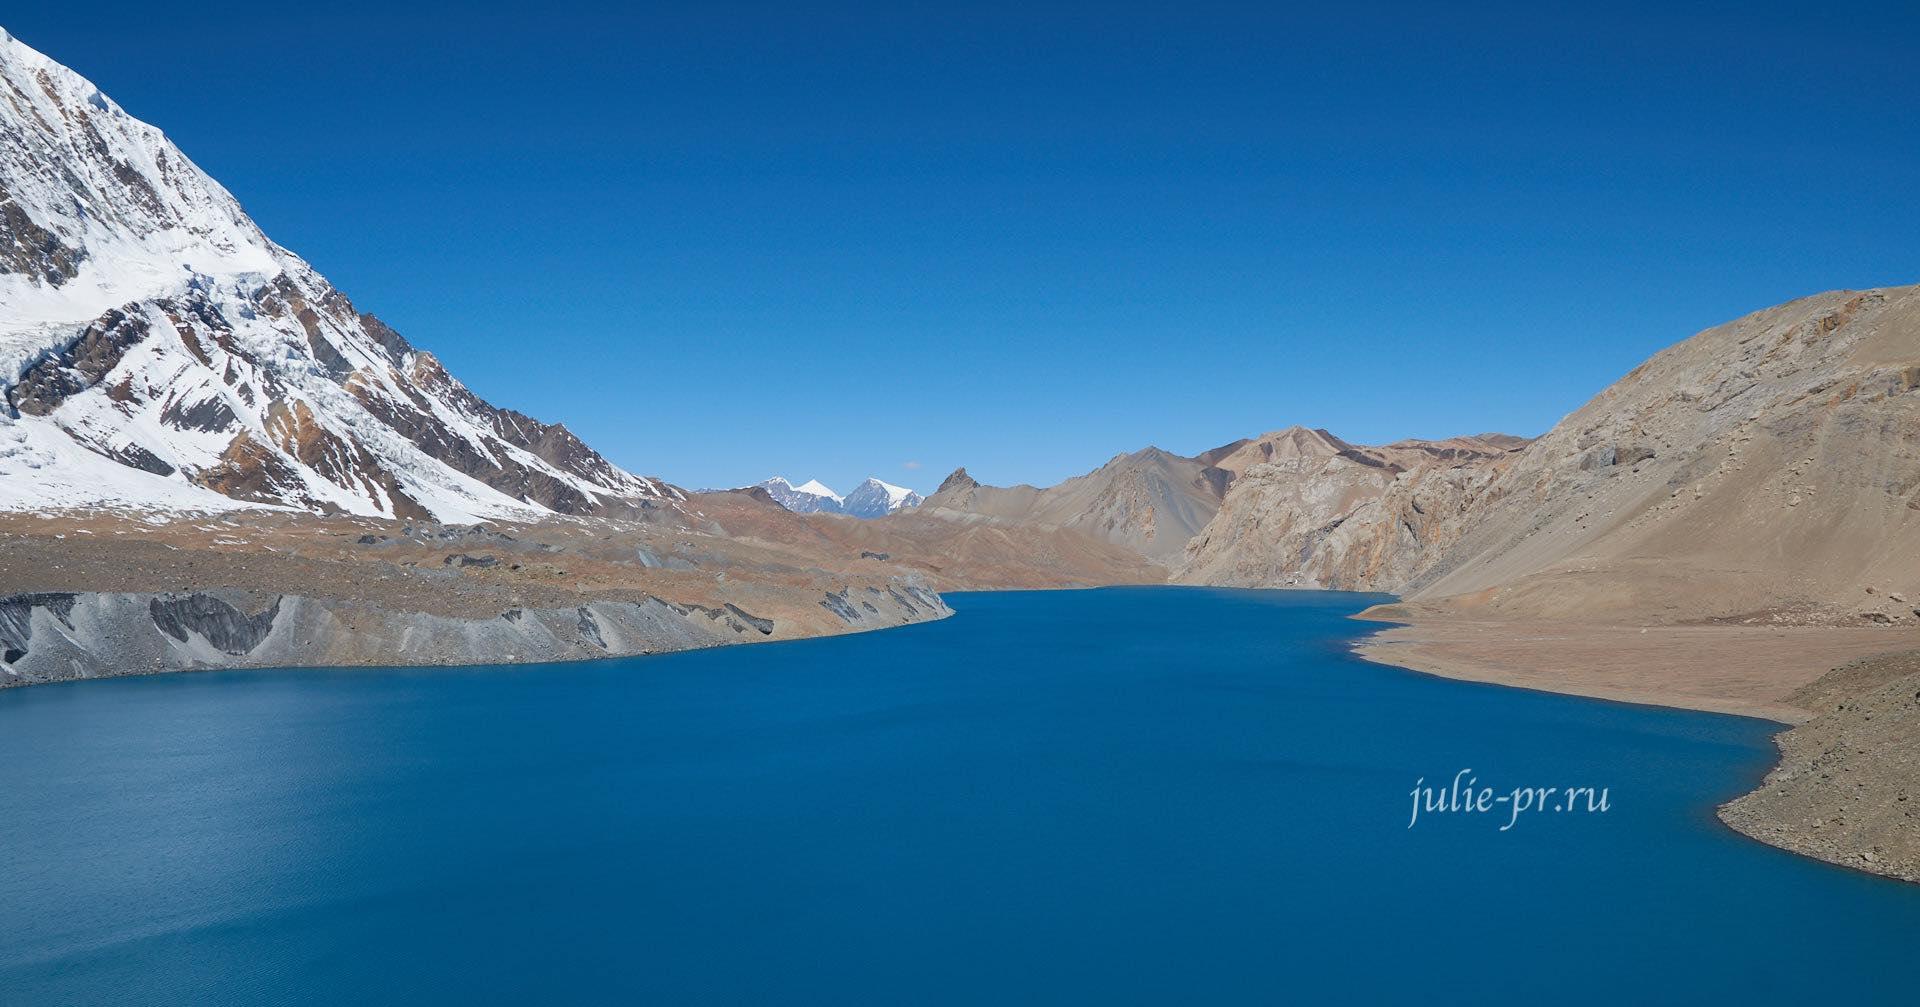 Непал, Озеро и Пик Тиличо